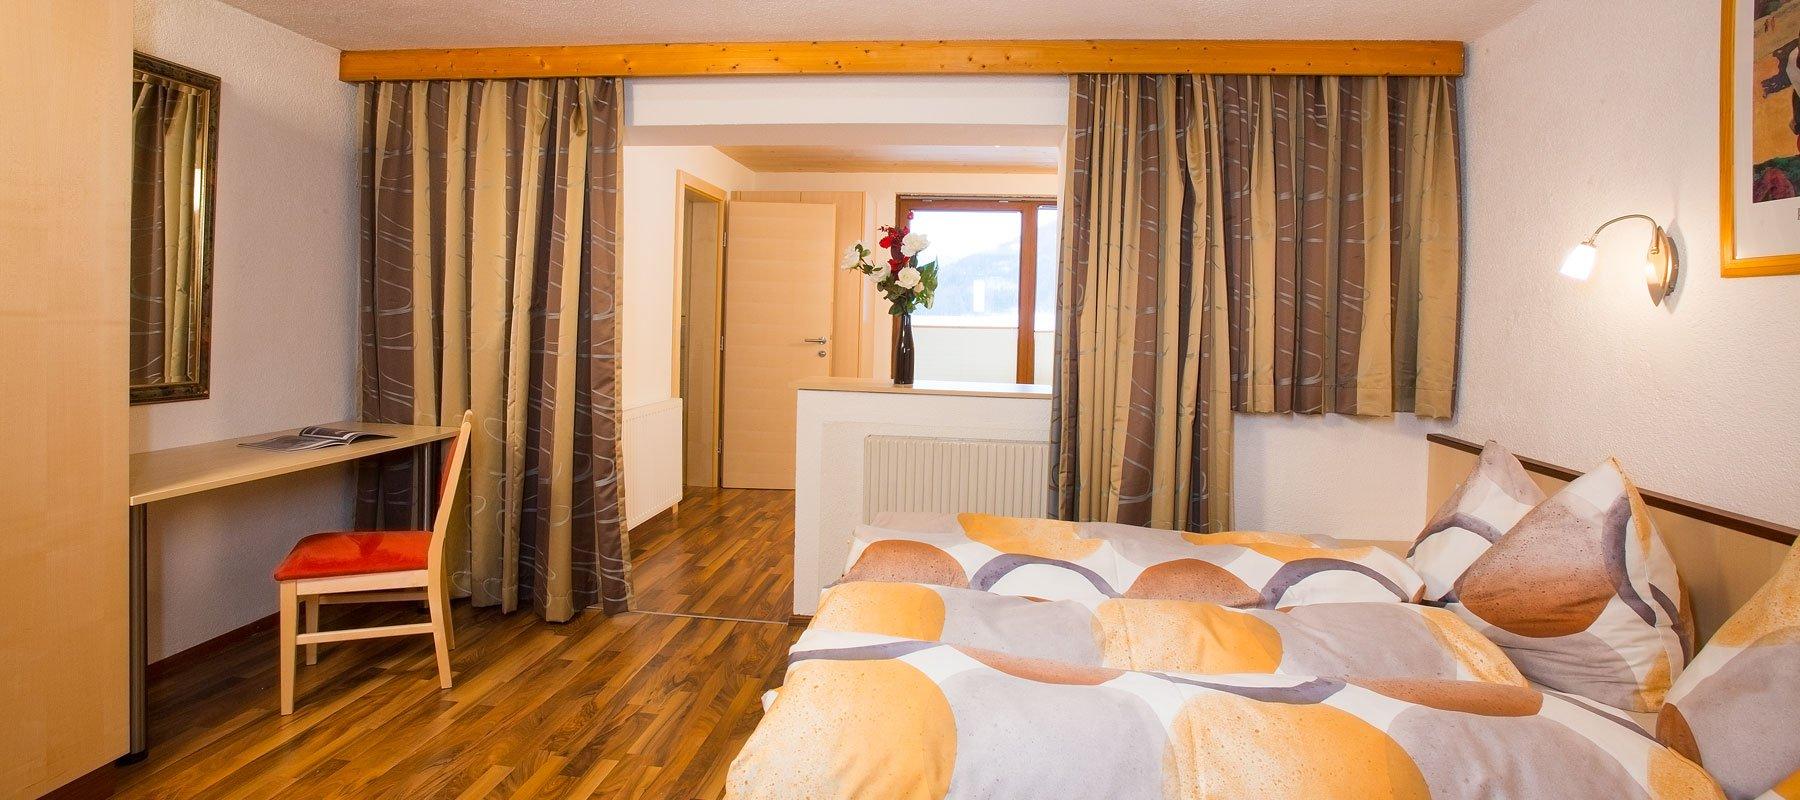 Zimmer im Haus Florentine